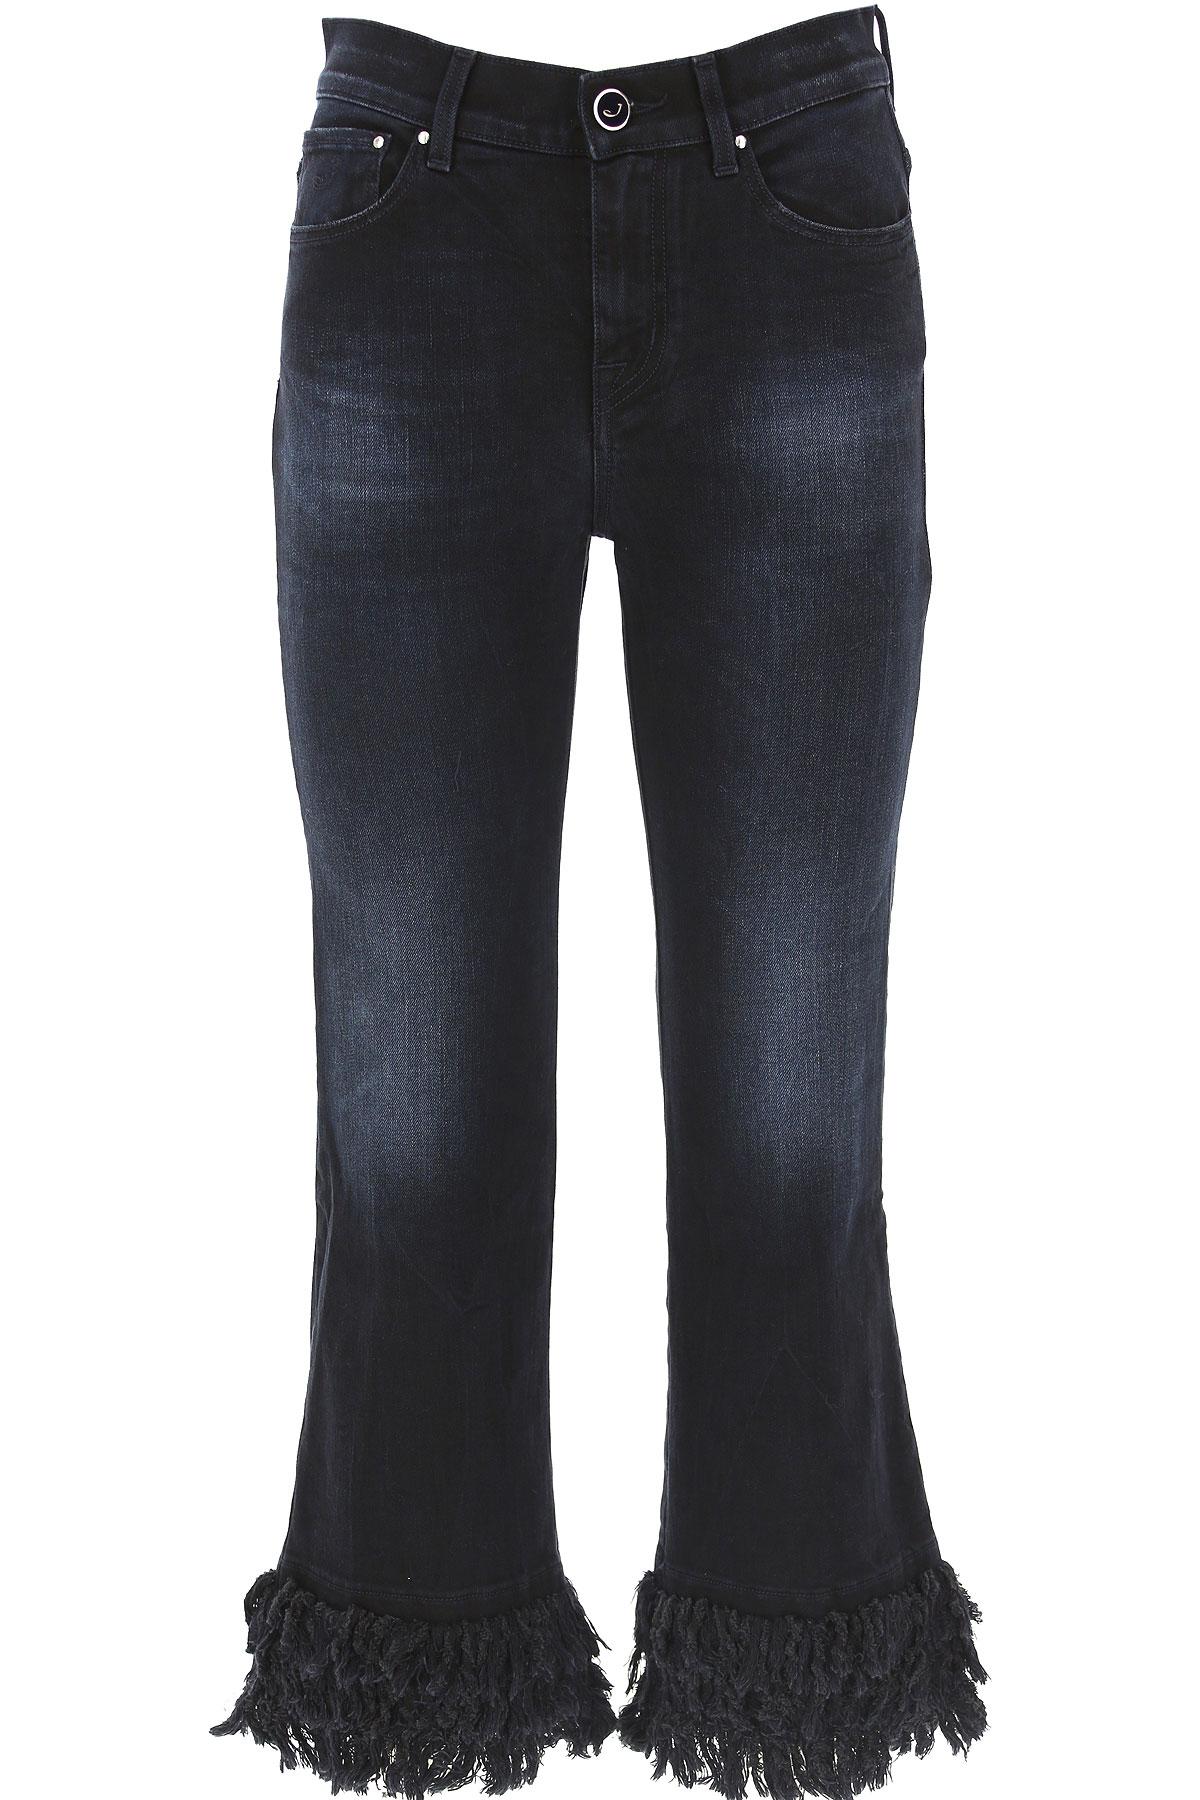 Jacob Cohen Jeans On Sale, Blue Denim, Cotton, 2017, 27 28 29